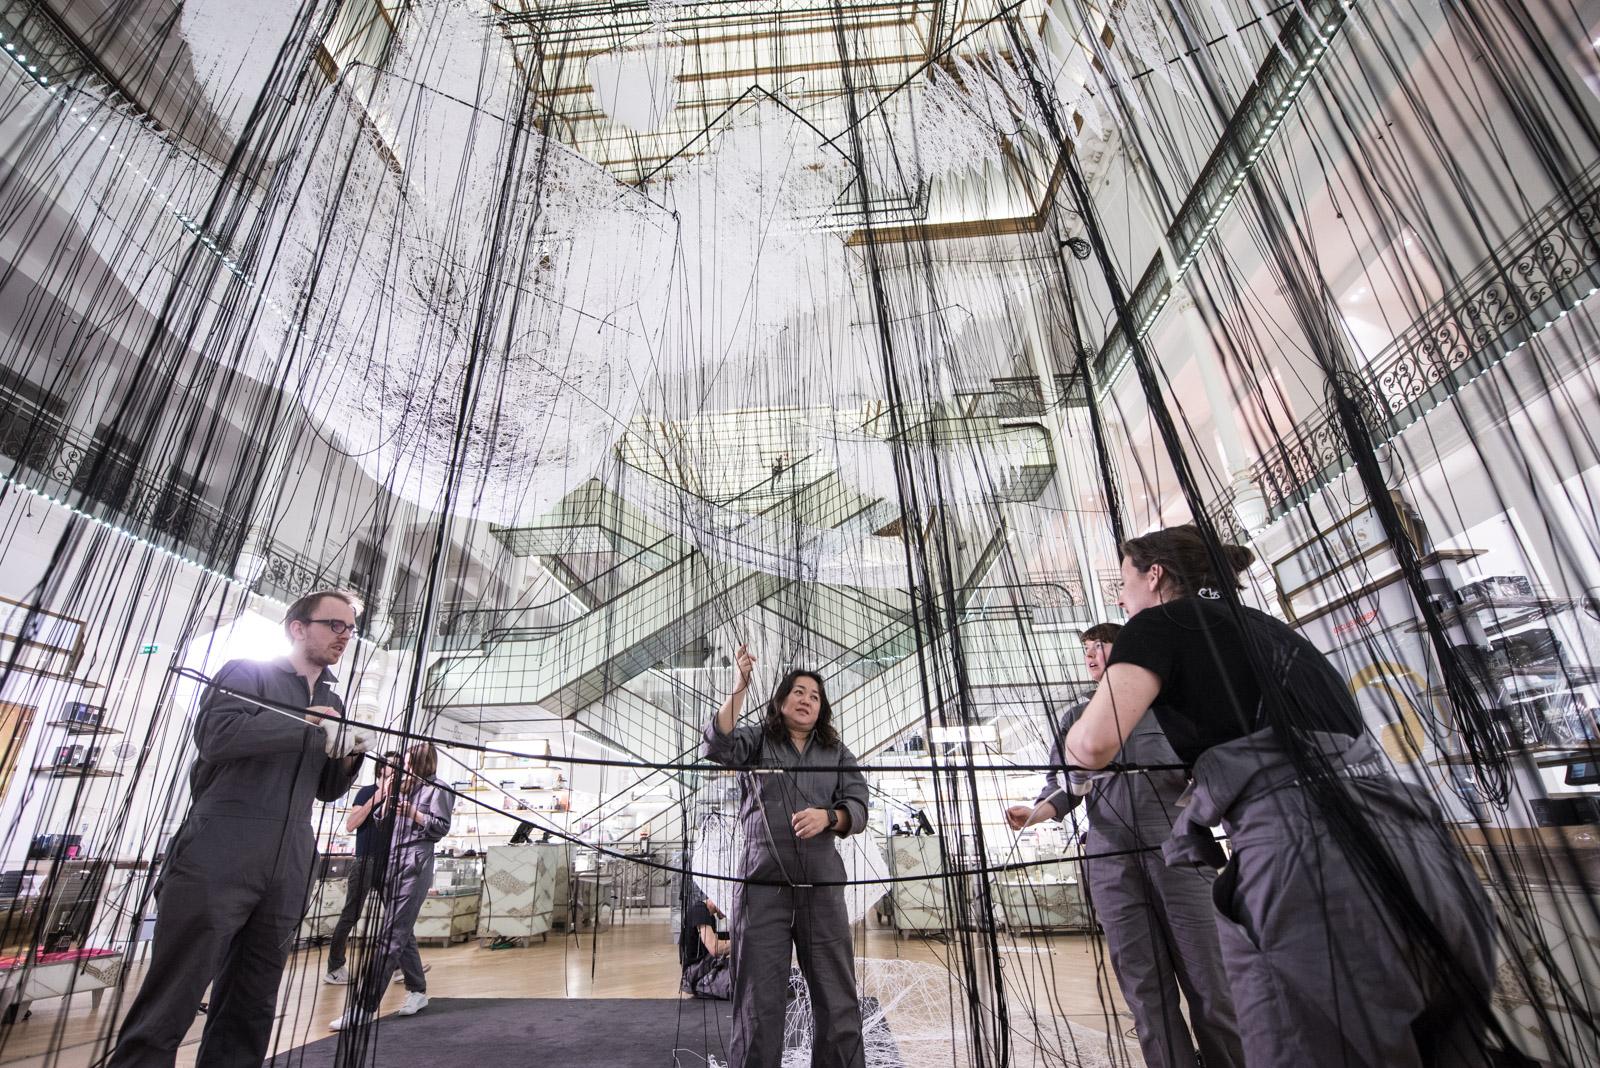 白い糸で紡がれた150隻の船がパリの百貨店に!?塩田千春「どこへ向かって」特別展